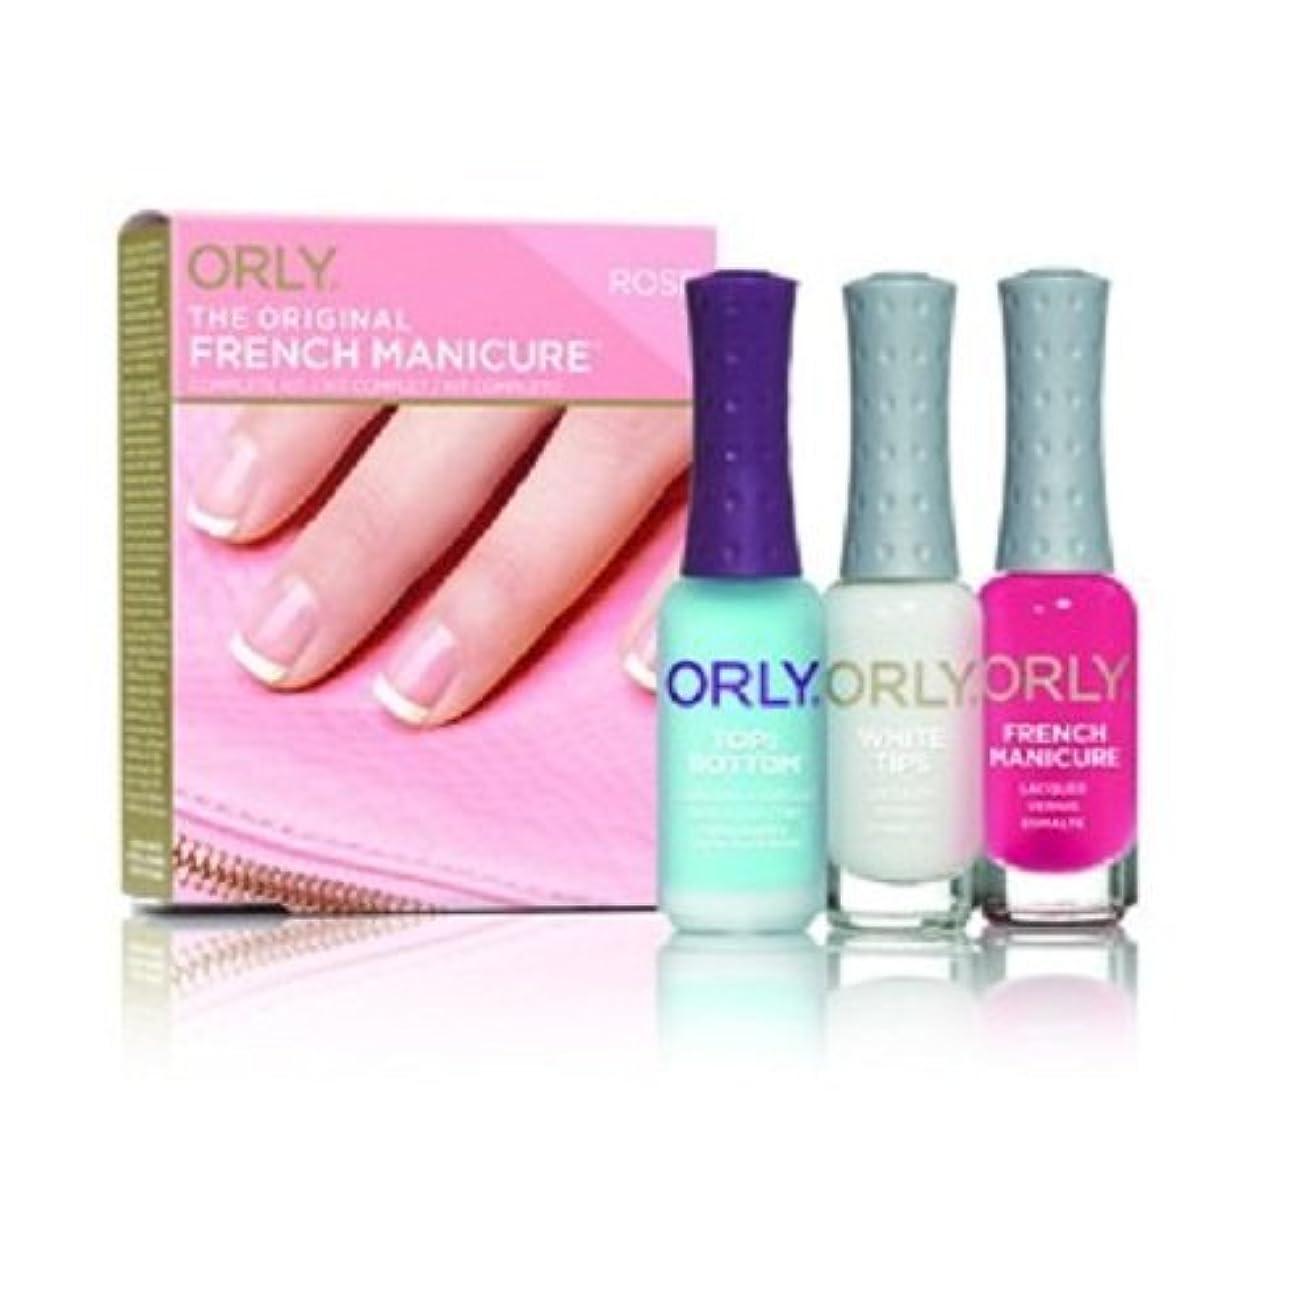 言語はっきりしない赤外線Orly French Manicure Complete Kit - Rose